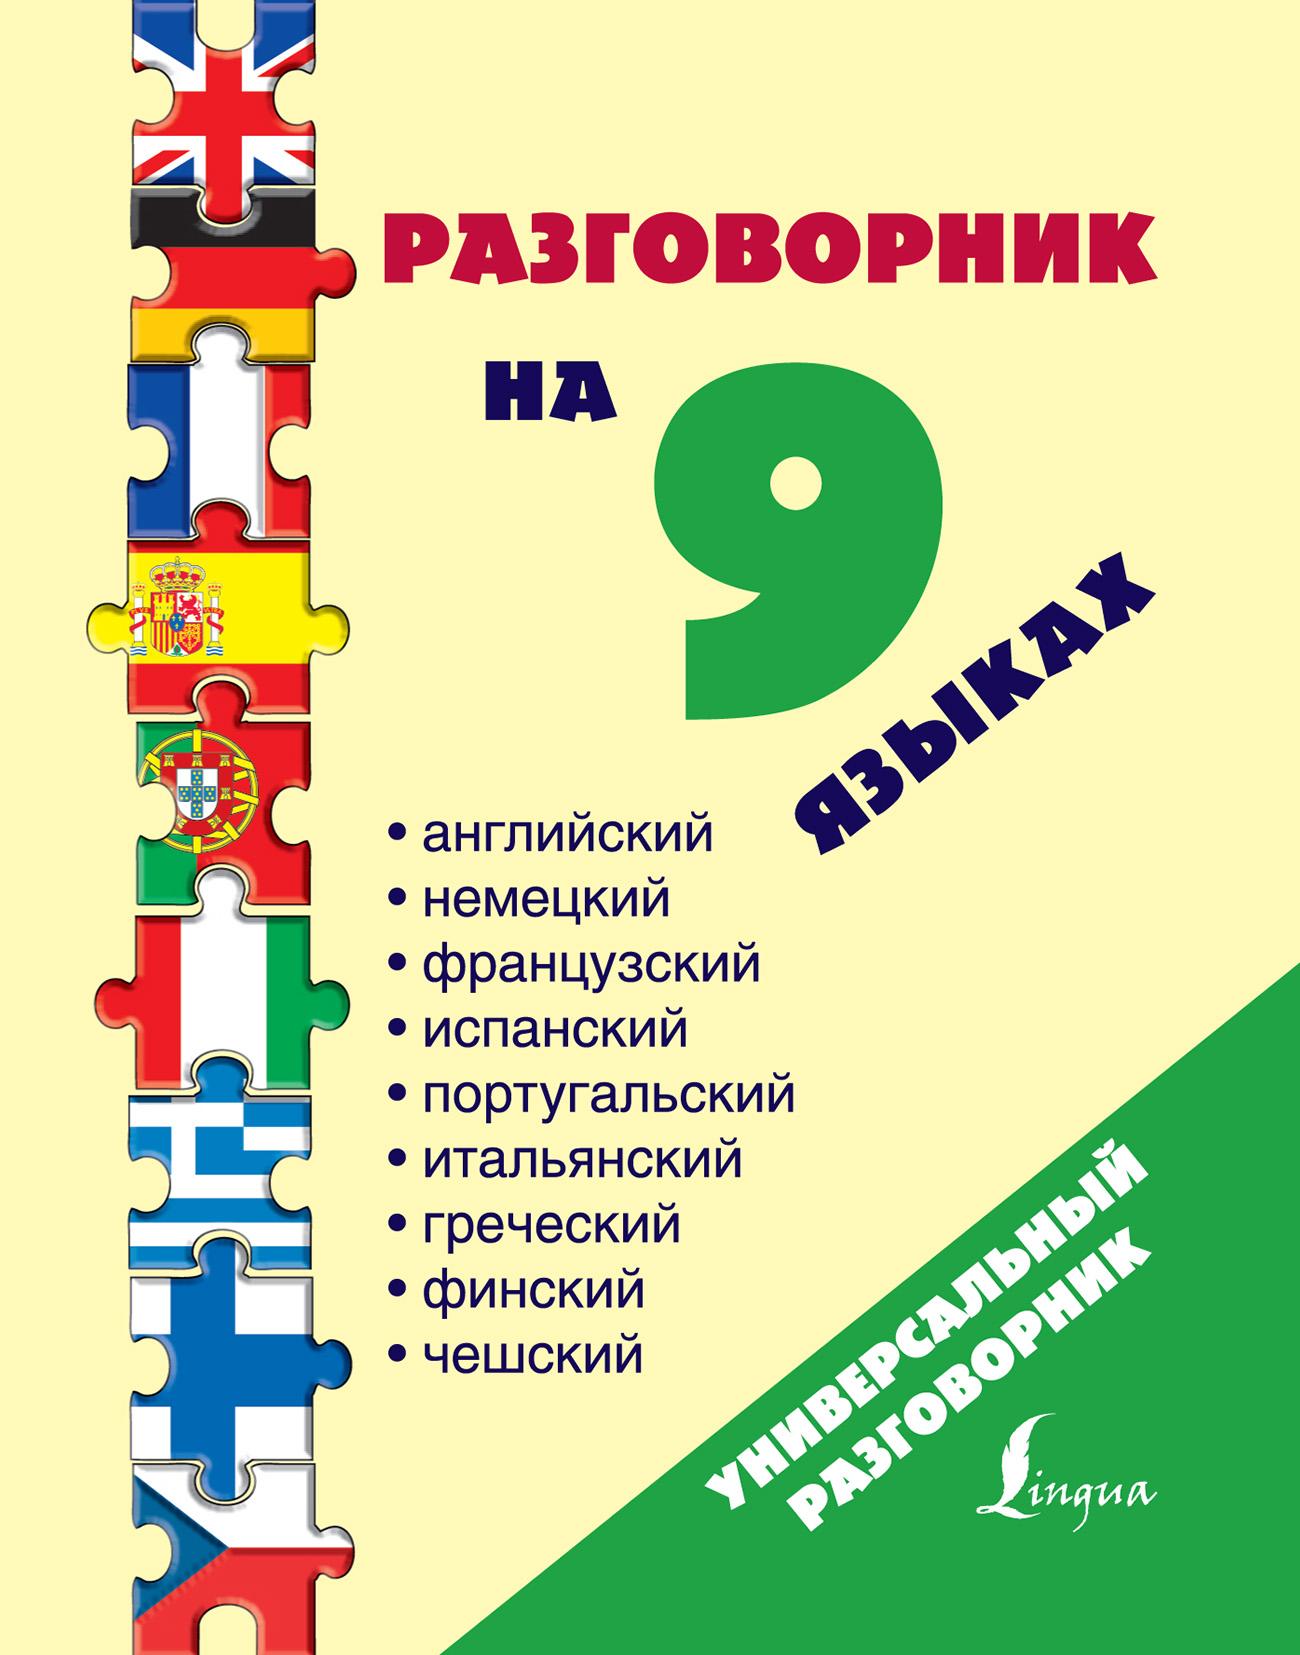 Отсутствует Разговорник на 9 языках: английский, немецкий, французский, испанский, португальский, итальянский, греческий, финский, чешский